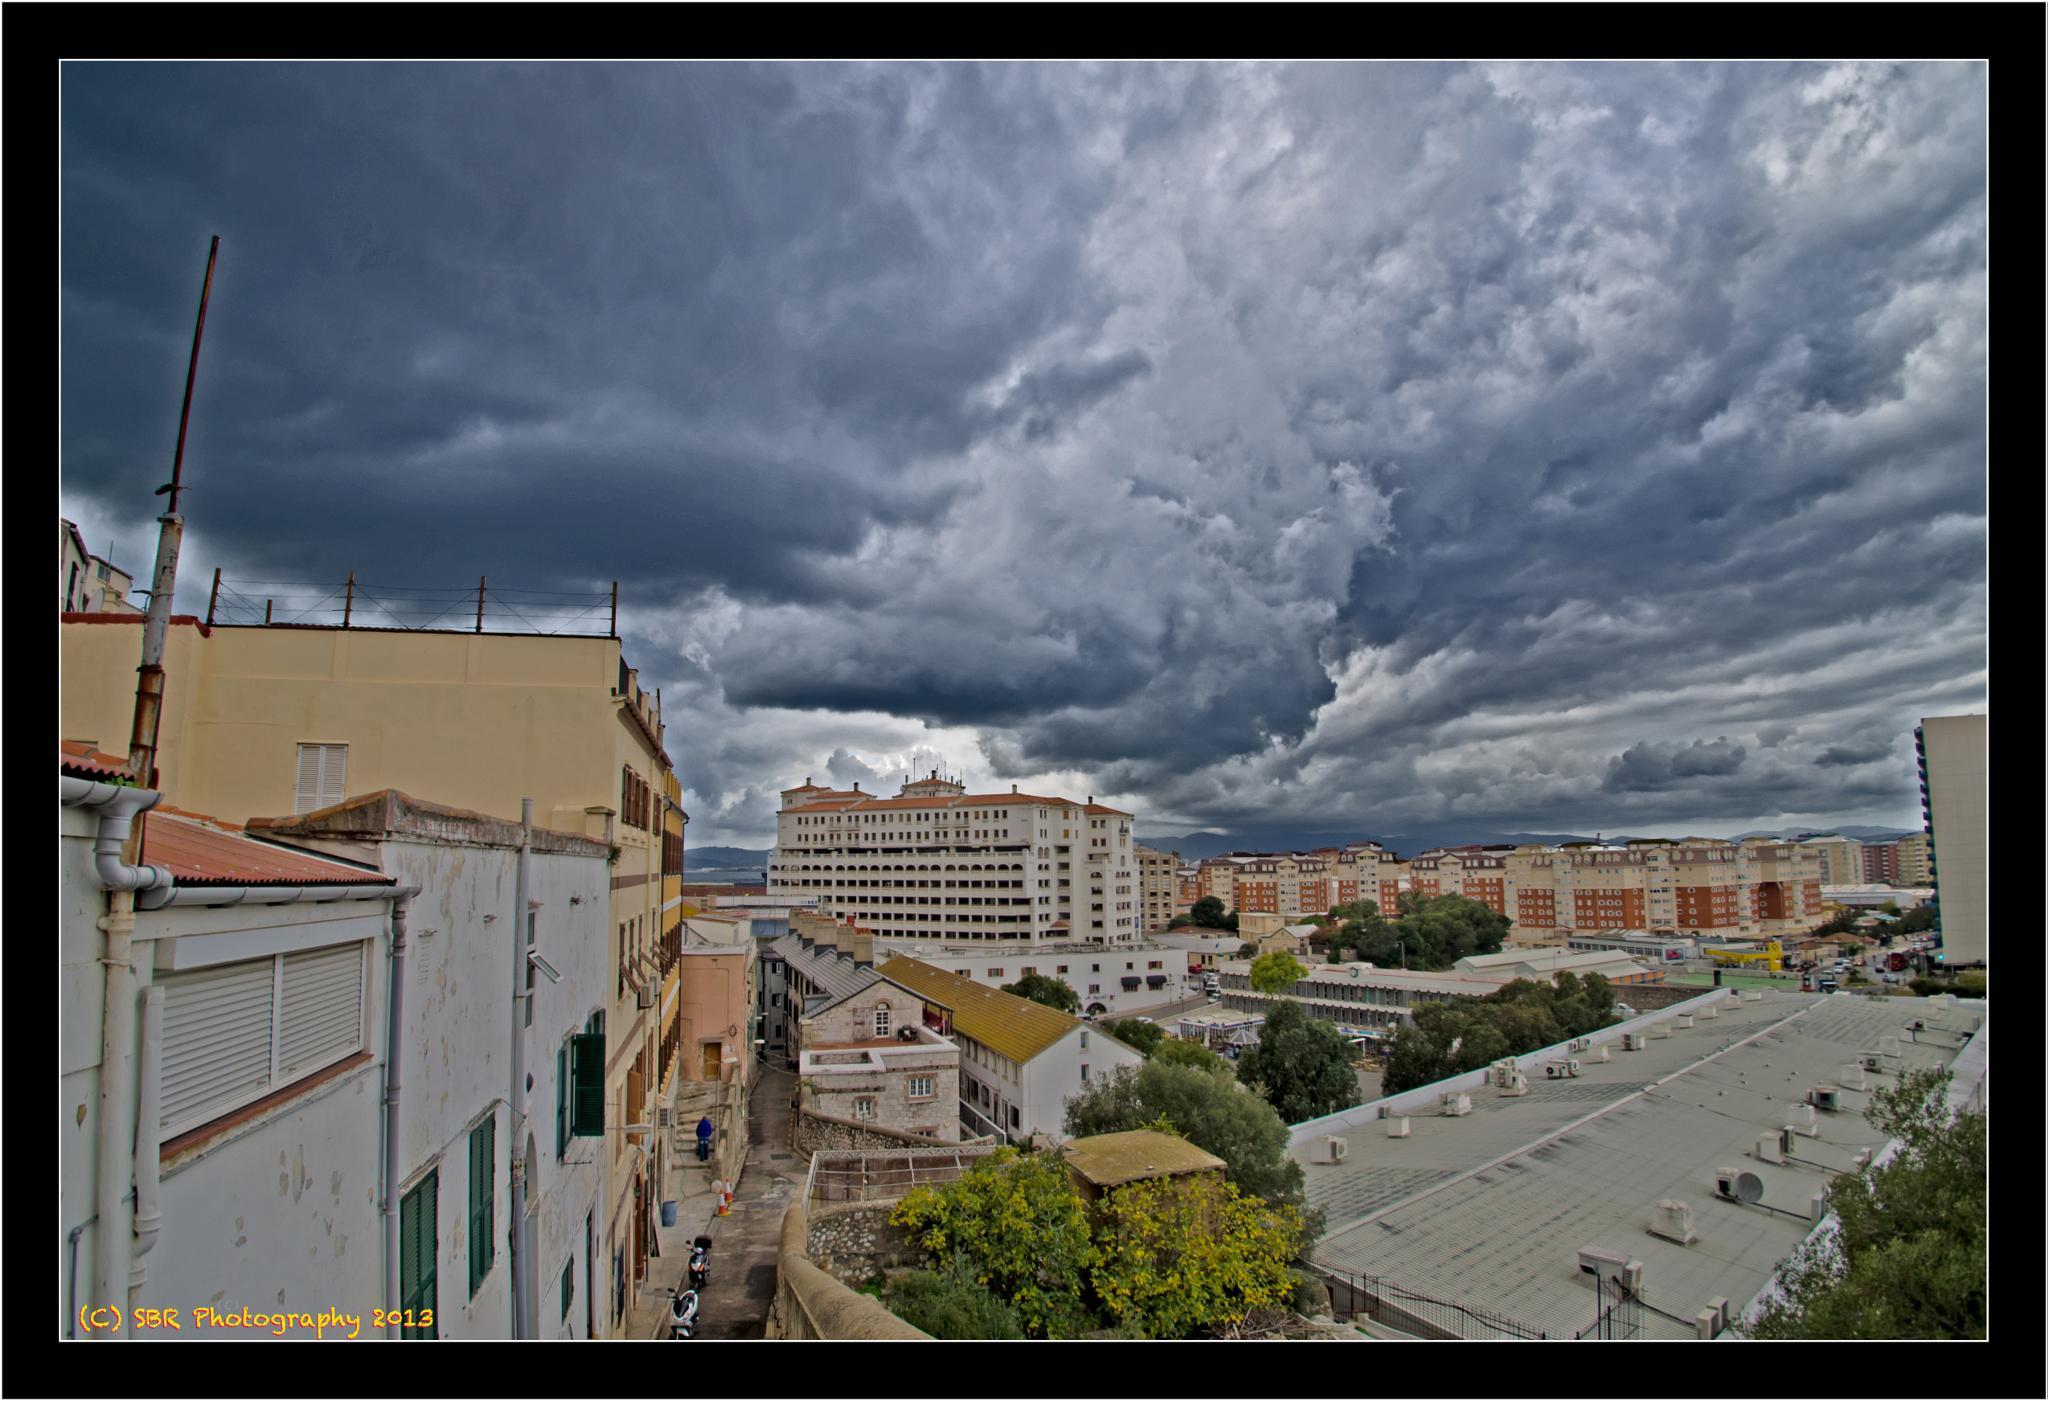 Stormy Sky by SteveR